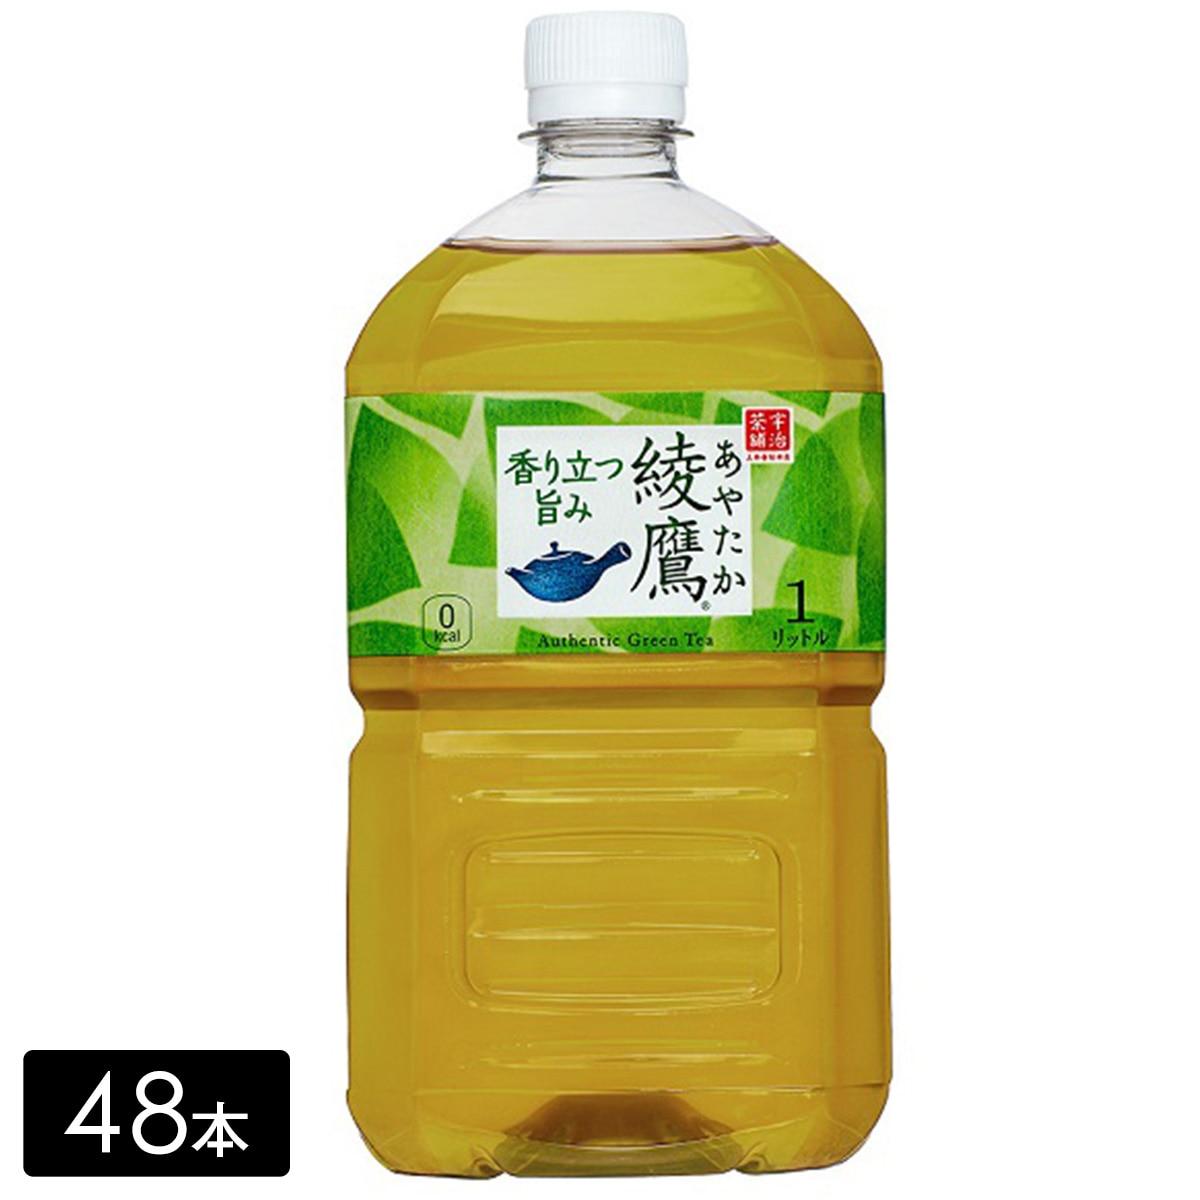 コカ・コーラボトラーズ 綾鷹 1L×48本 43363